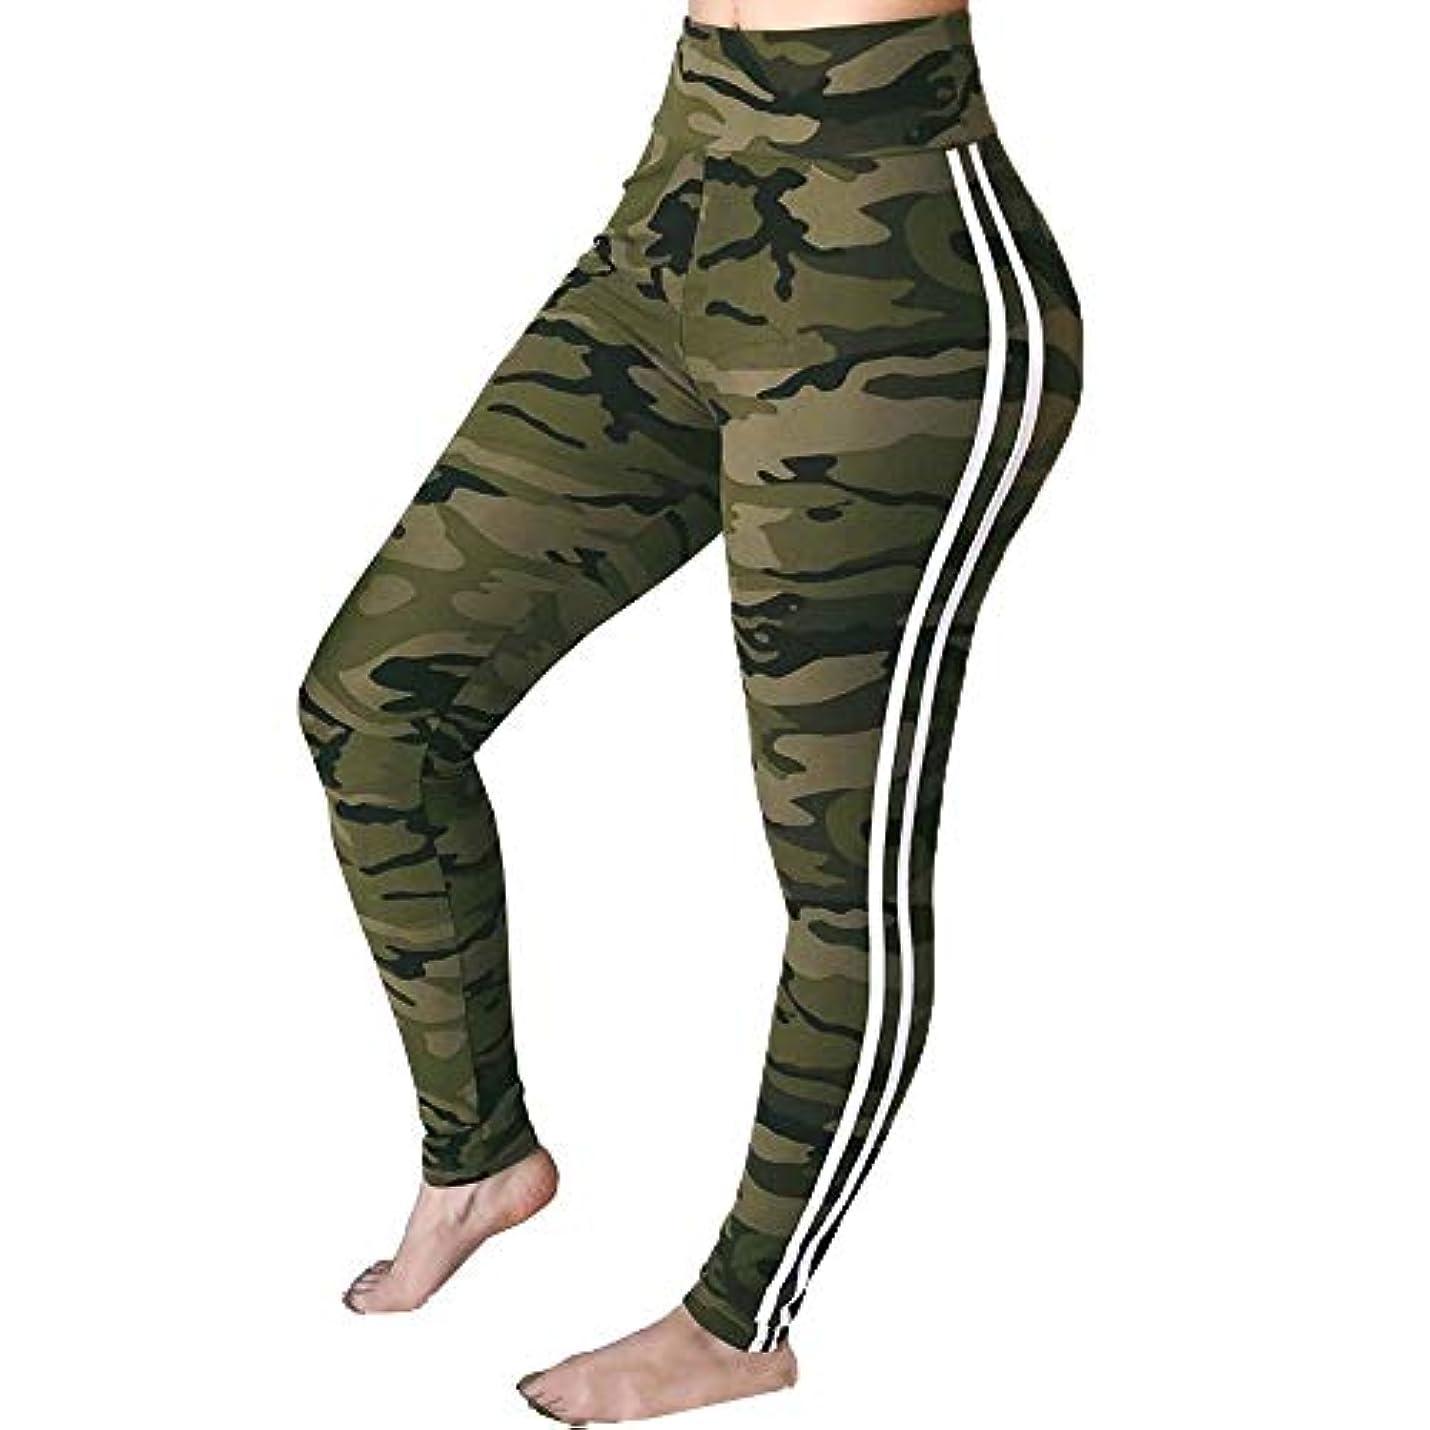 たぶん飛行場ダウンMIFAN 女性パンツ、ロングパンツ、ハイウエストパンツ、スポーツパンツ、スキニーパンツ、ヨガパンツ、